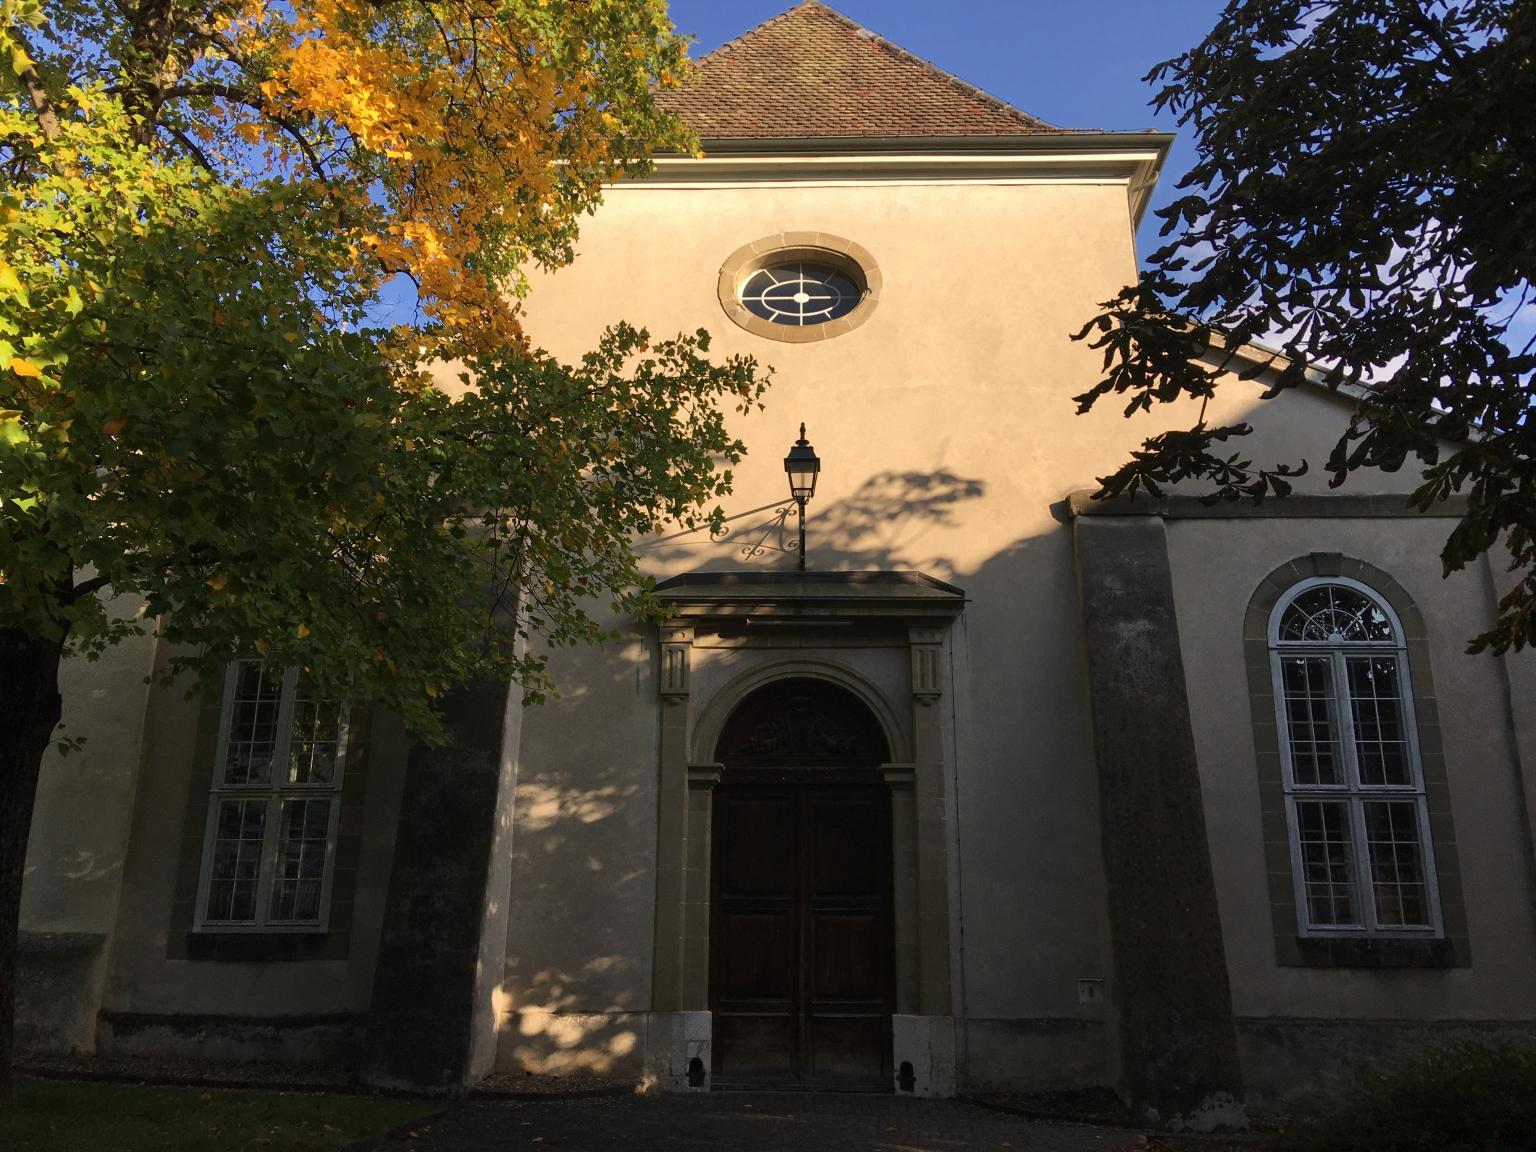 Eglise de Sainte-Claire